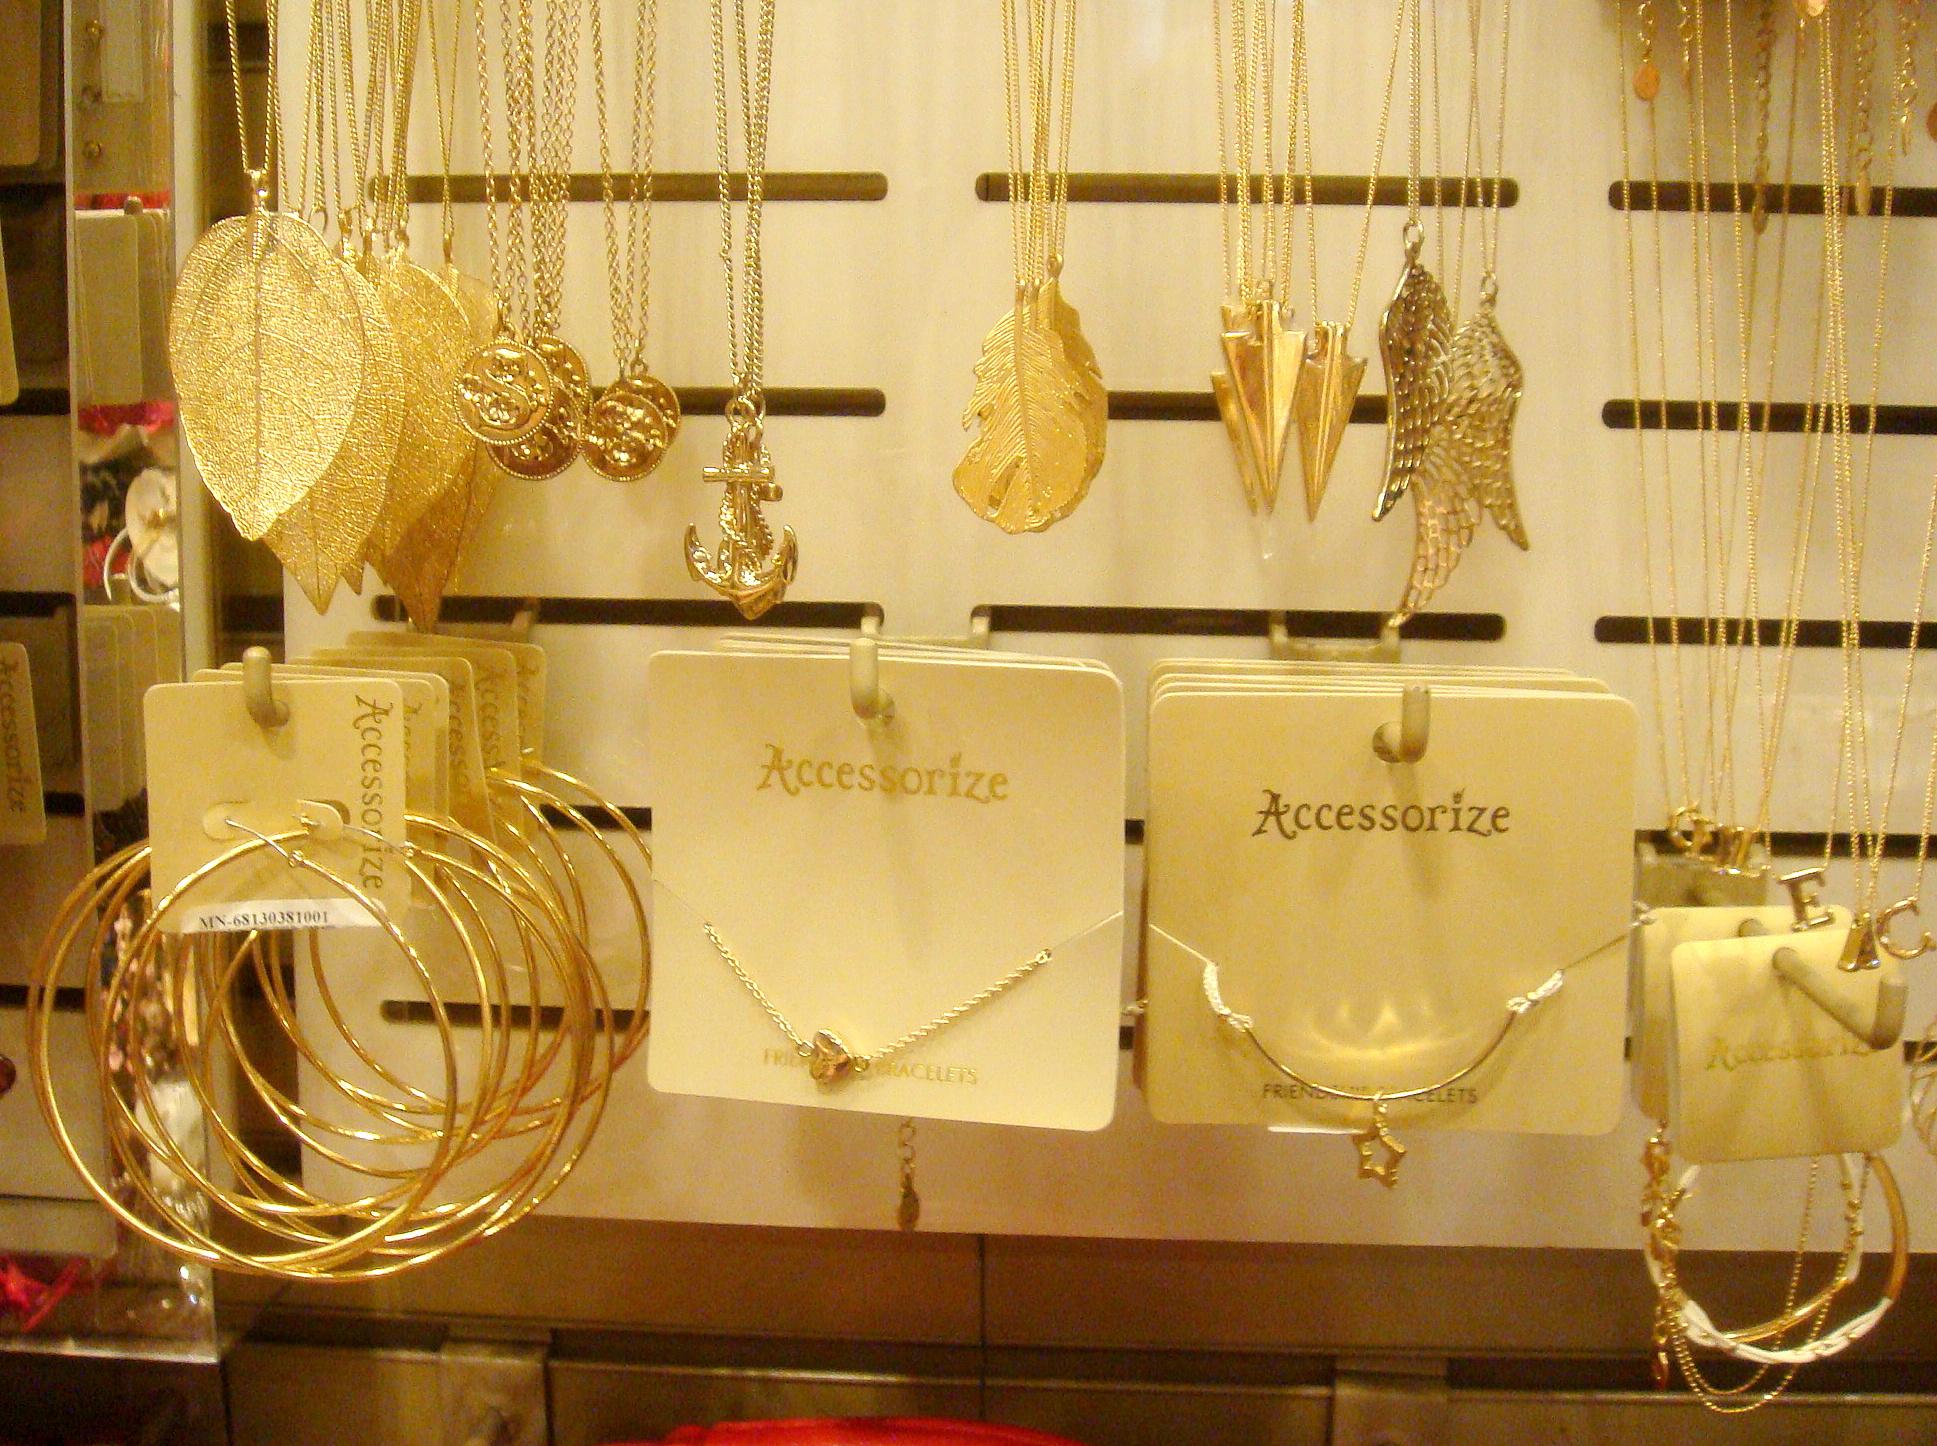 Accesorize jewellery